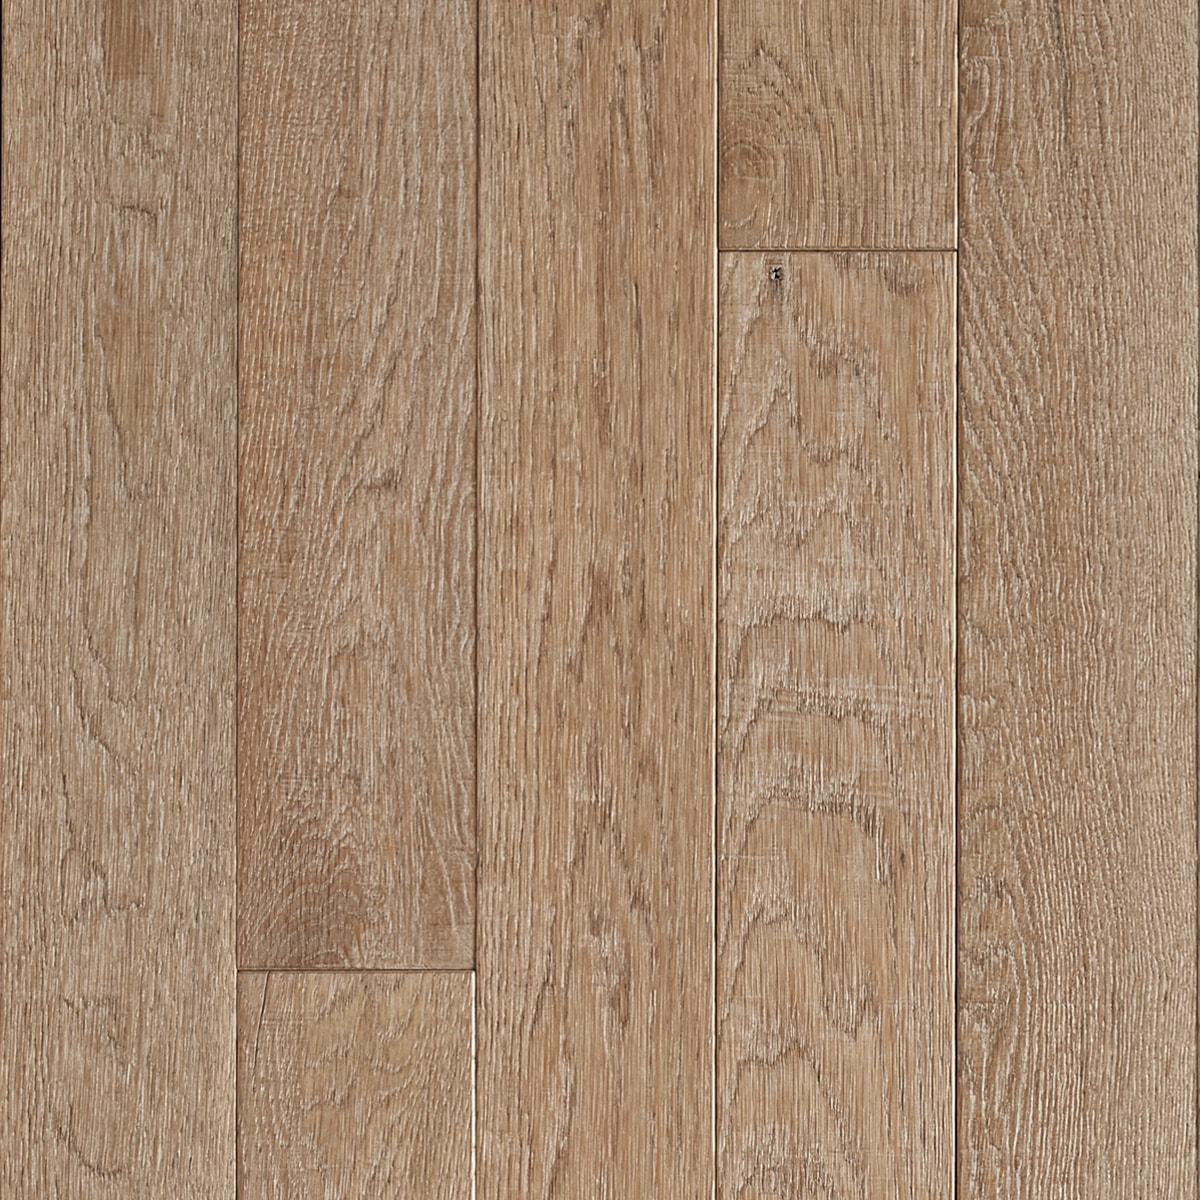 Summers hardwood floor